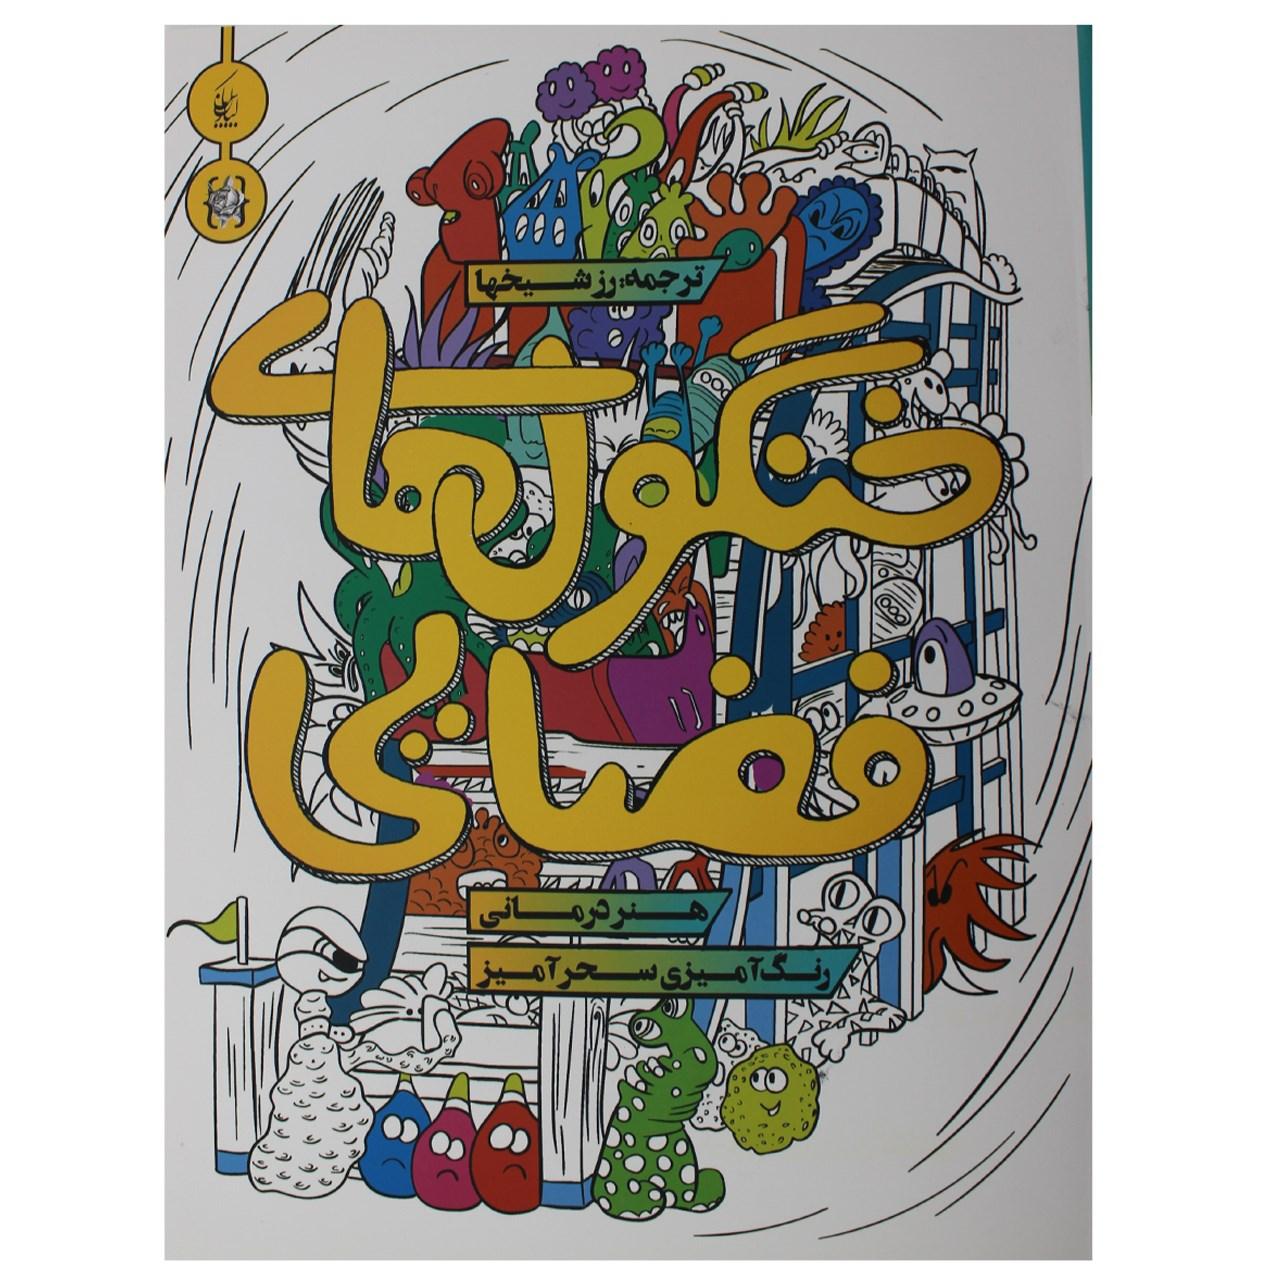 کتاب رنگ آمیزی خنگول های فضایی اثر پدرو دو الیزالده